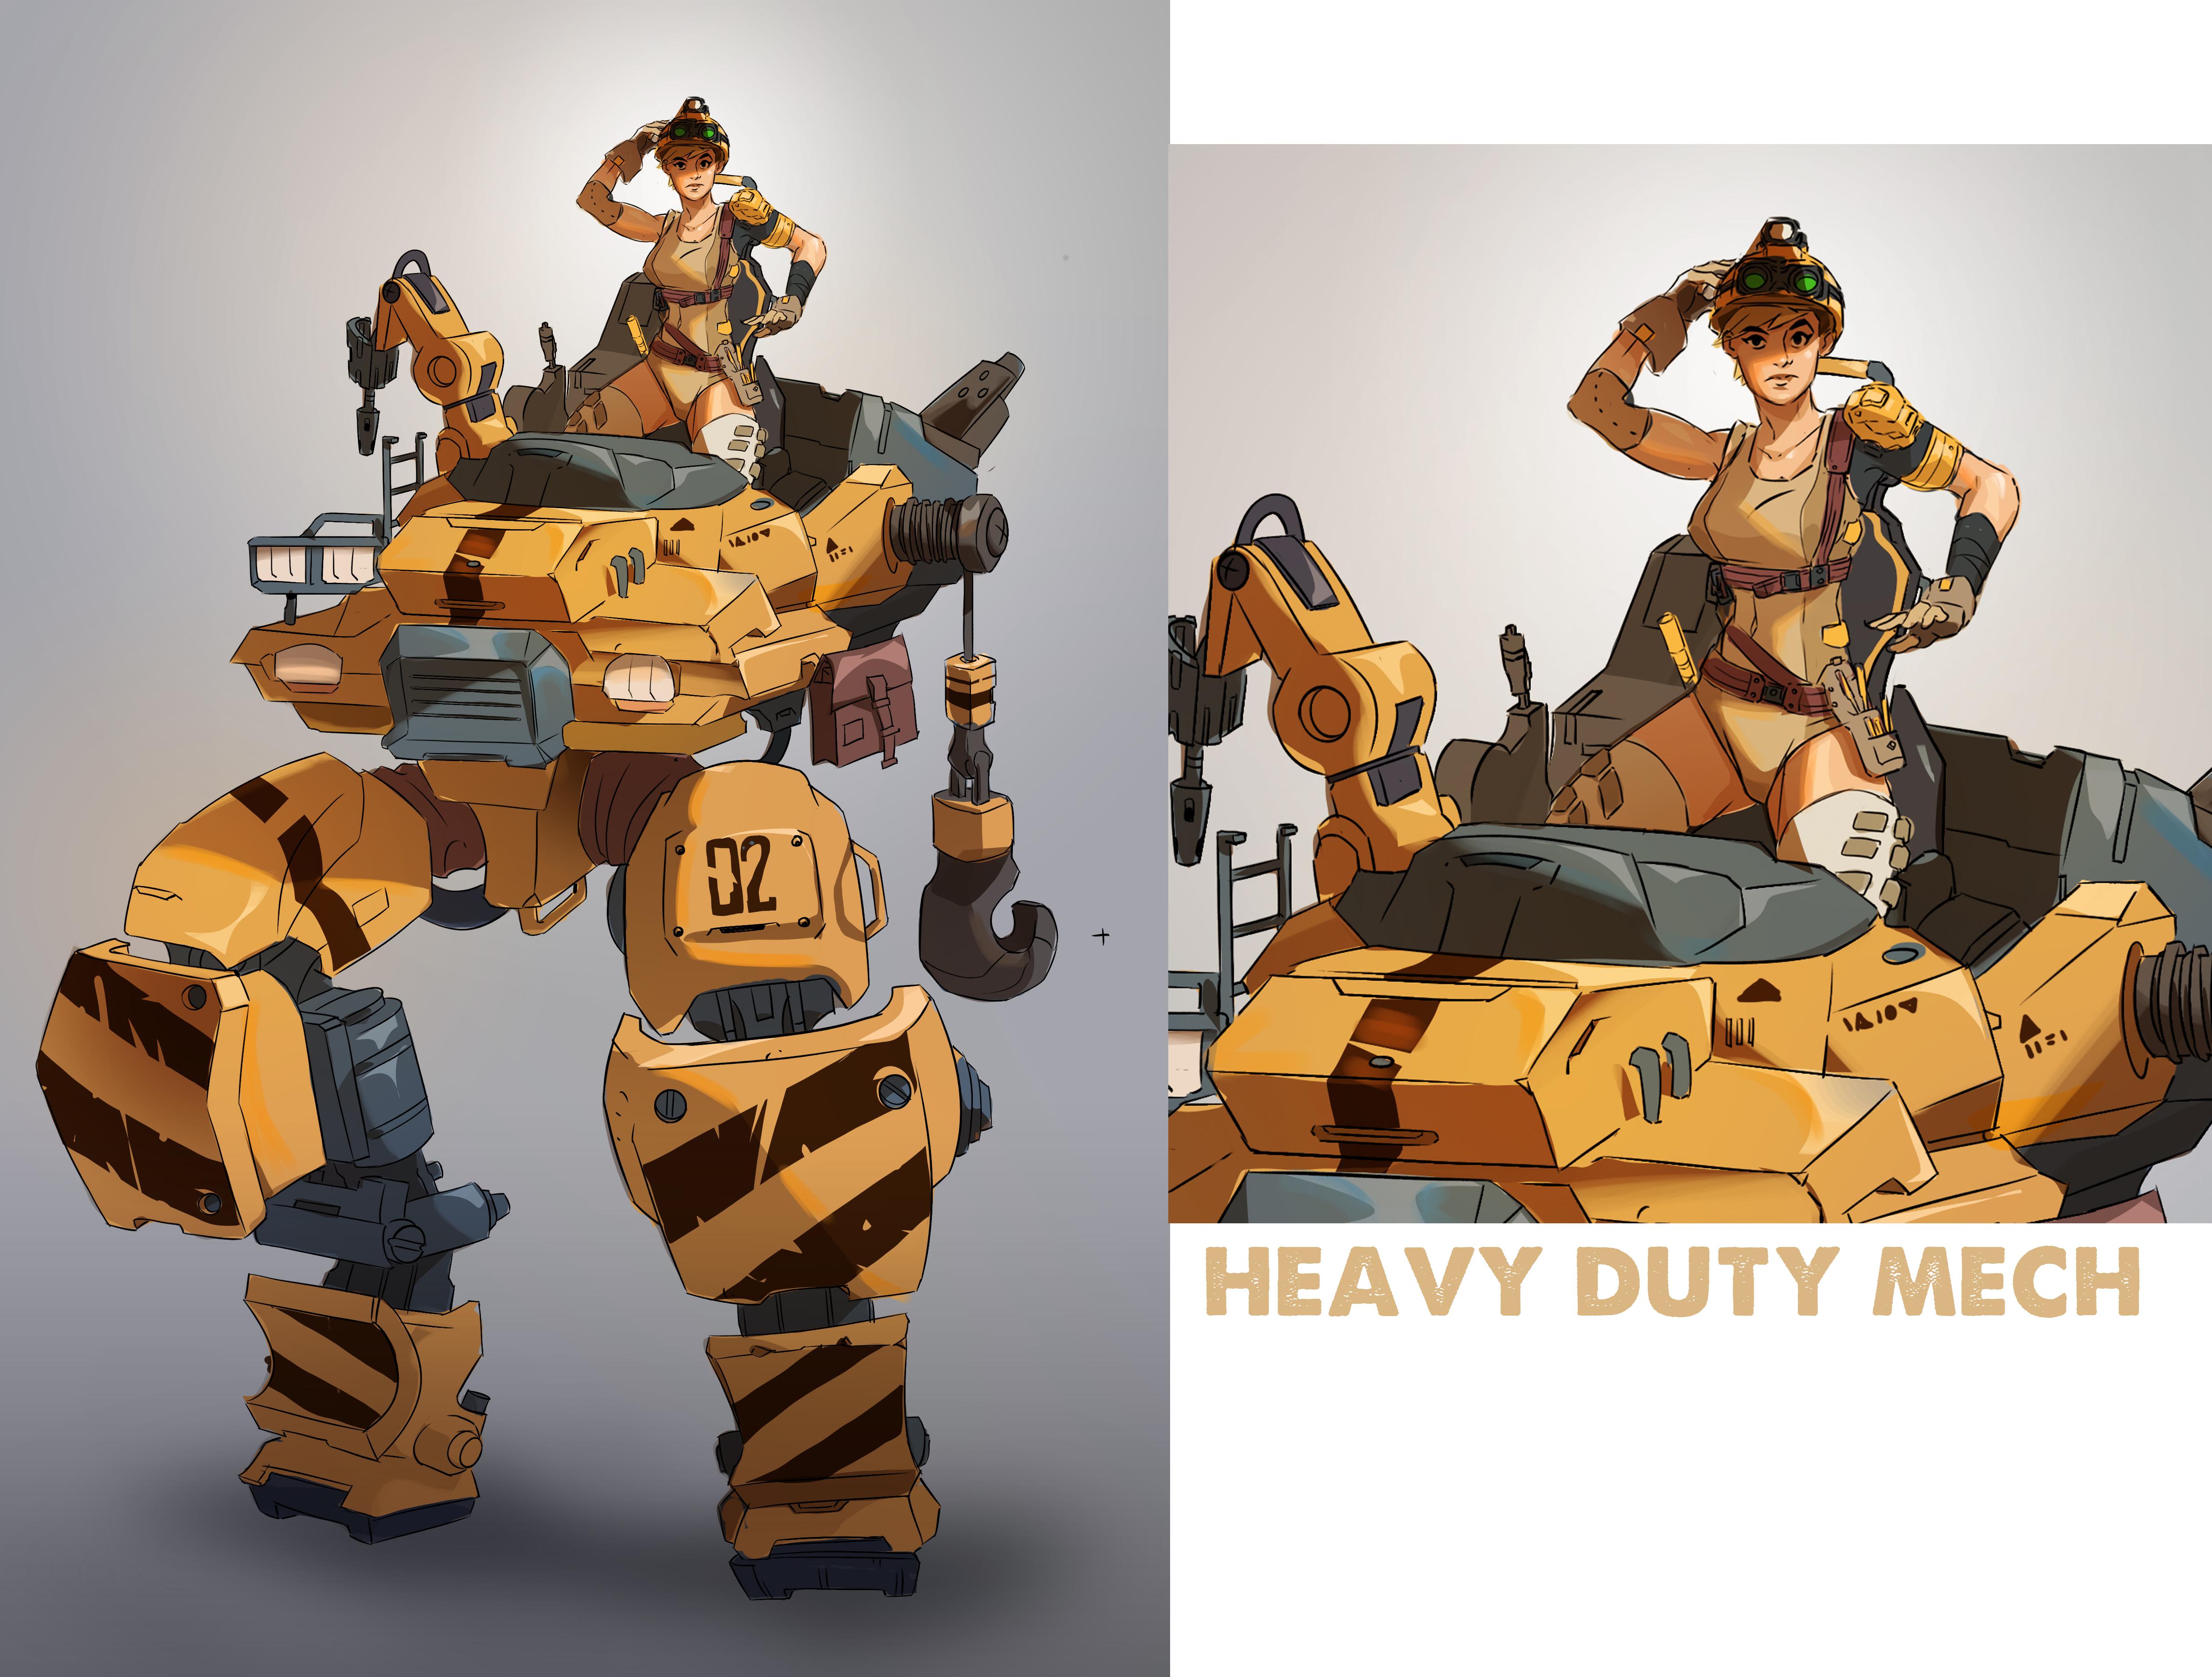 Heavy Duty Mech